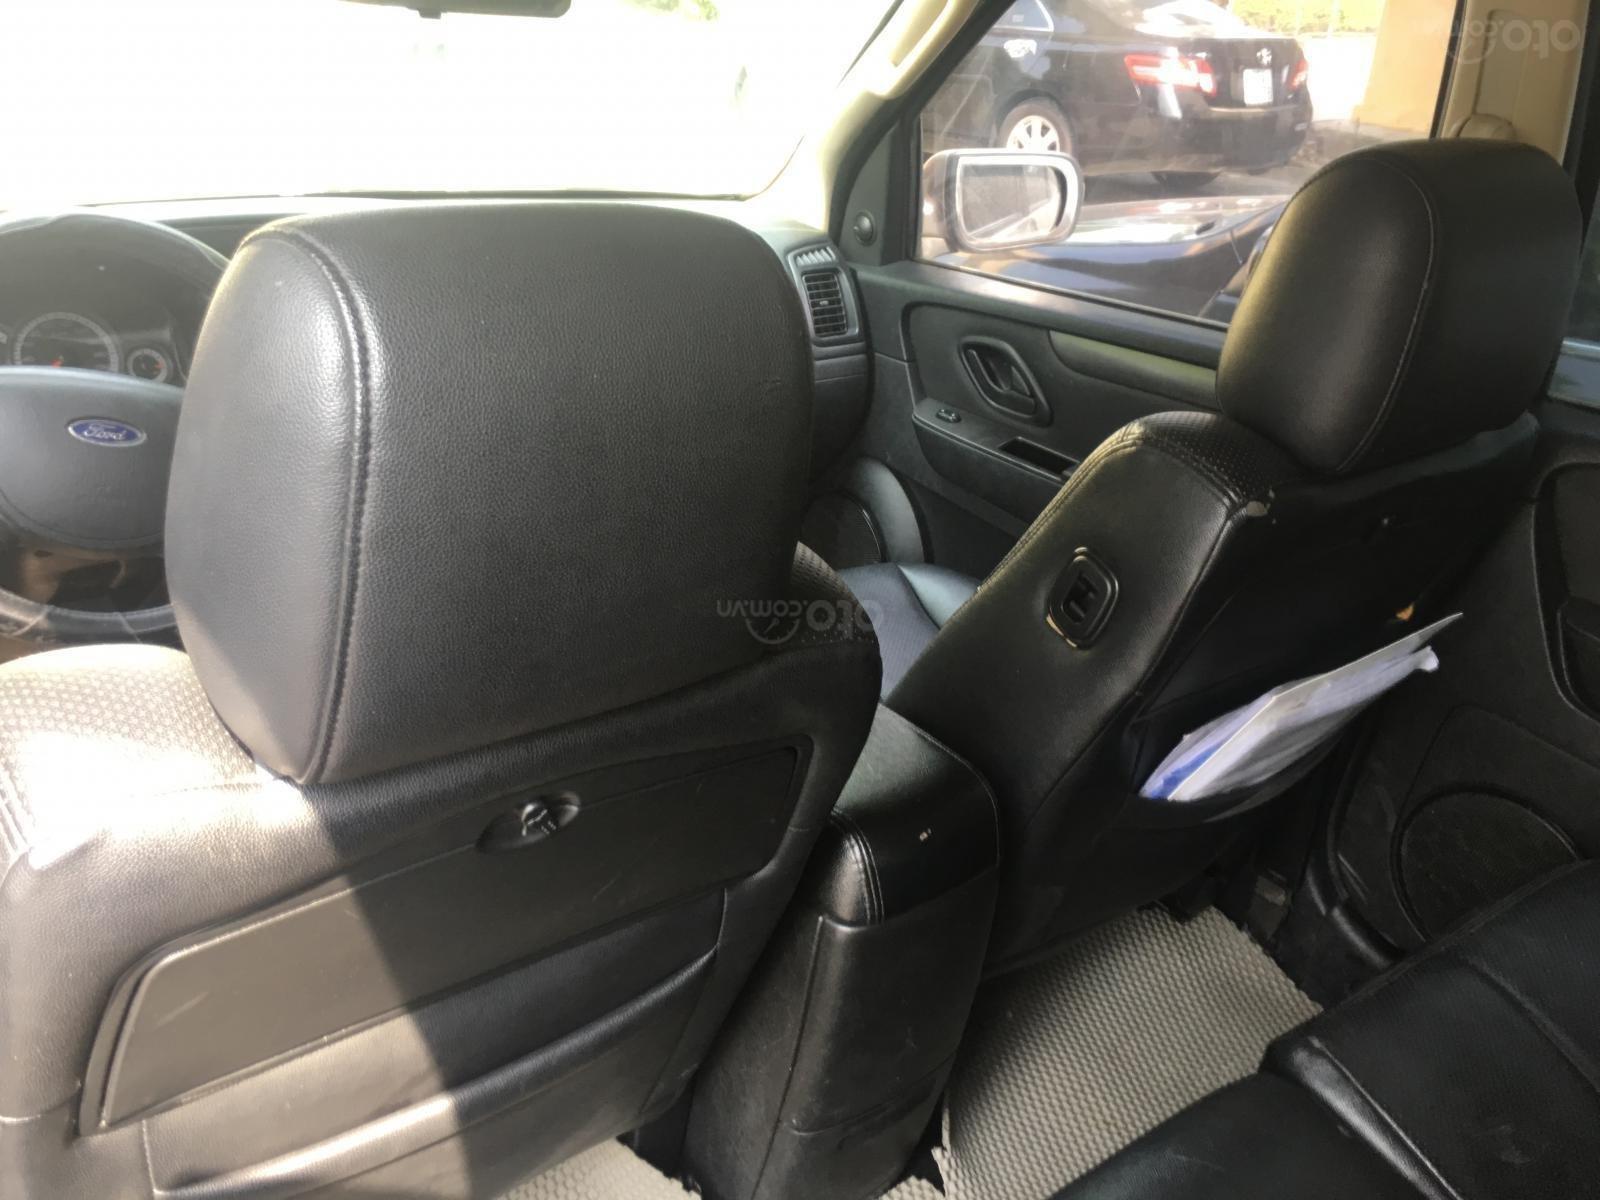 Chính chủ cần bán chiếc xe Ford Escape 2009, màu xám, giá thương thượng (8)